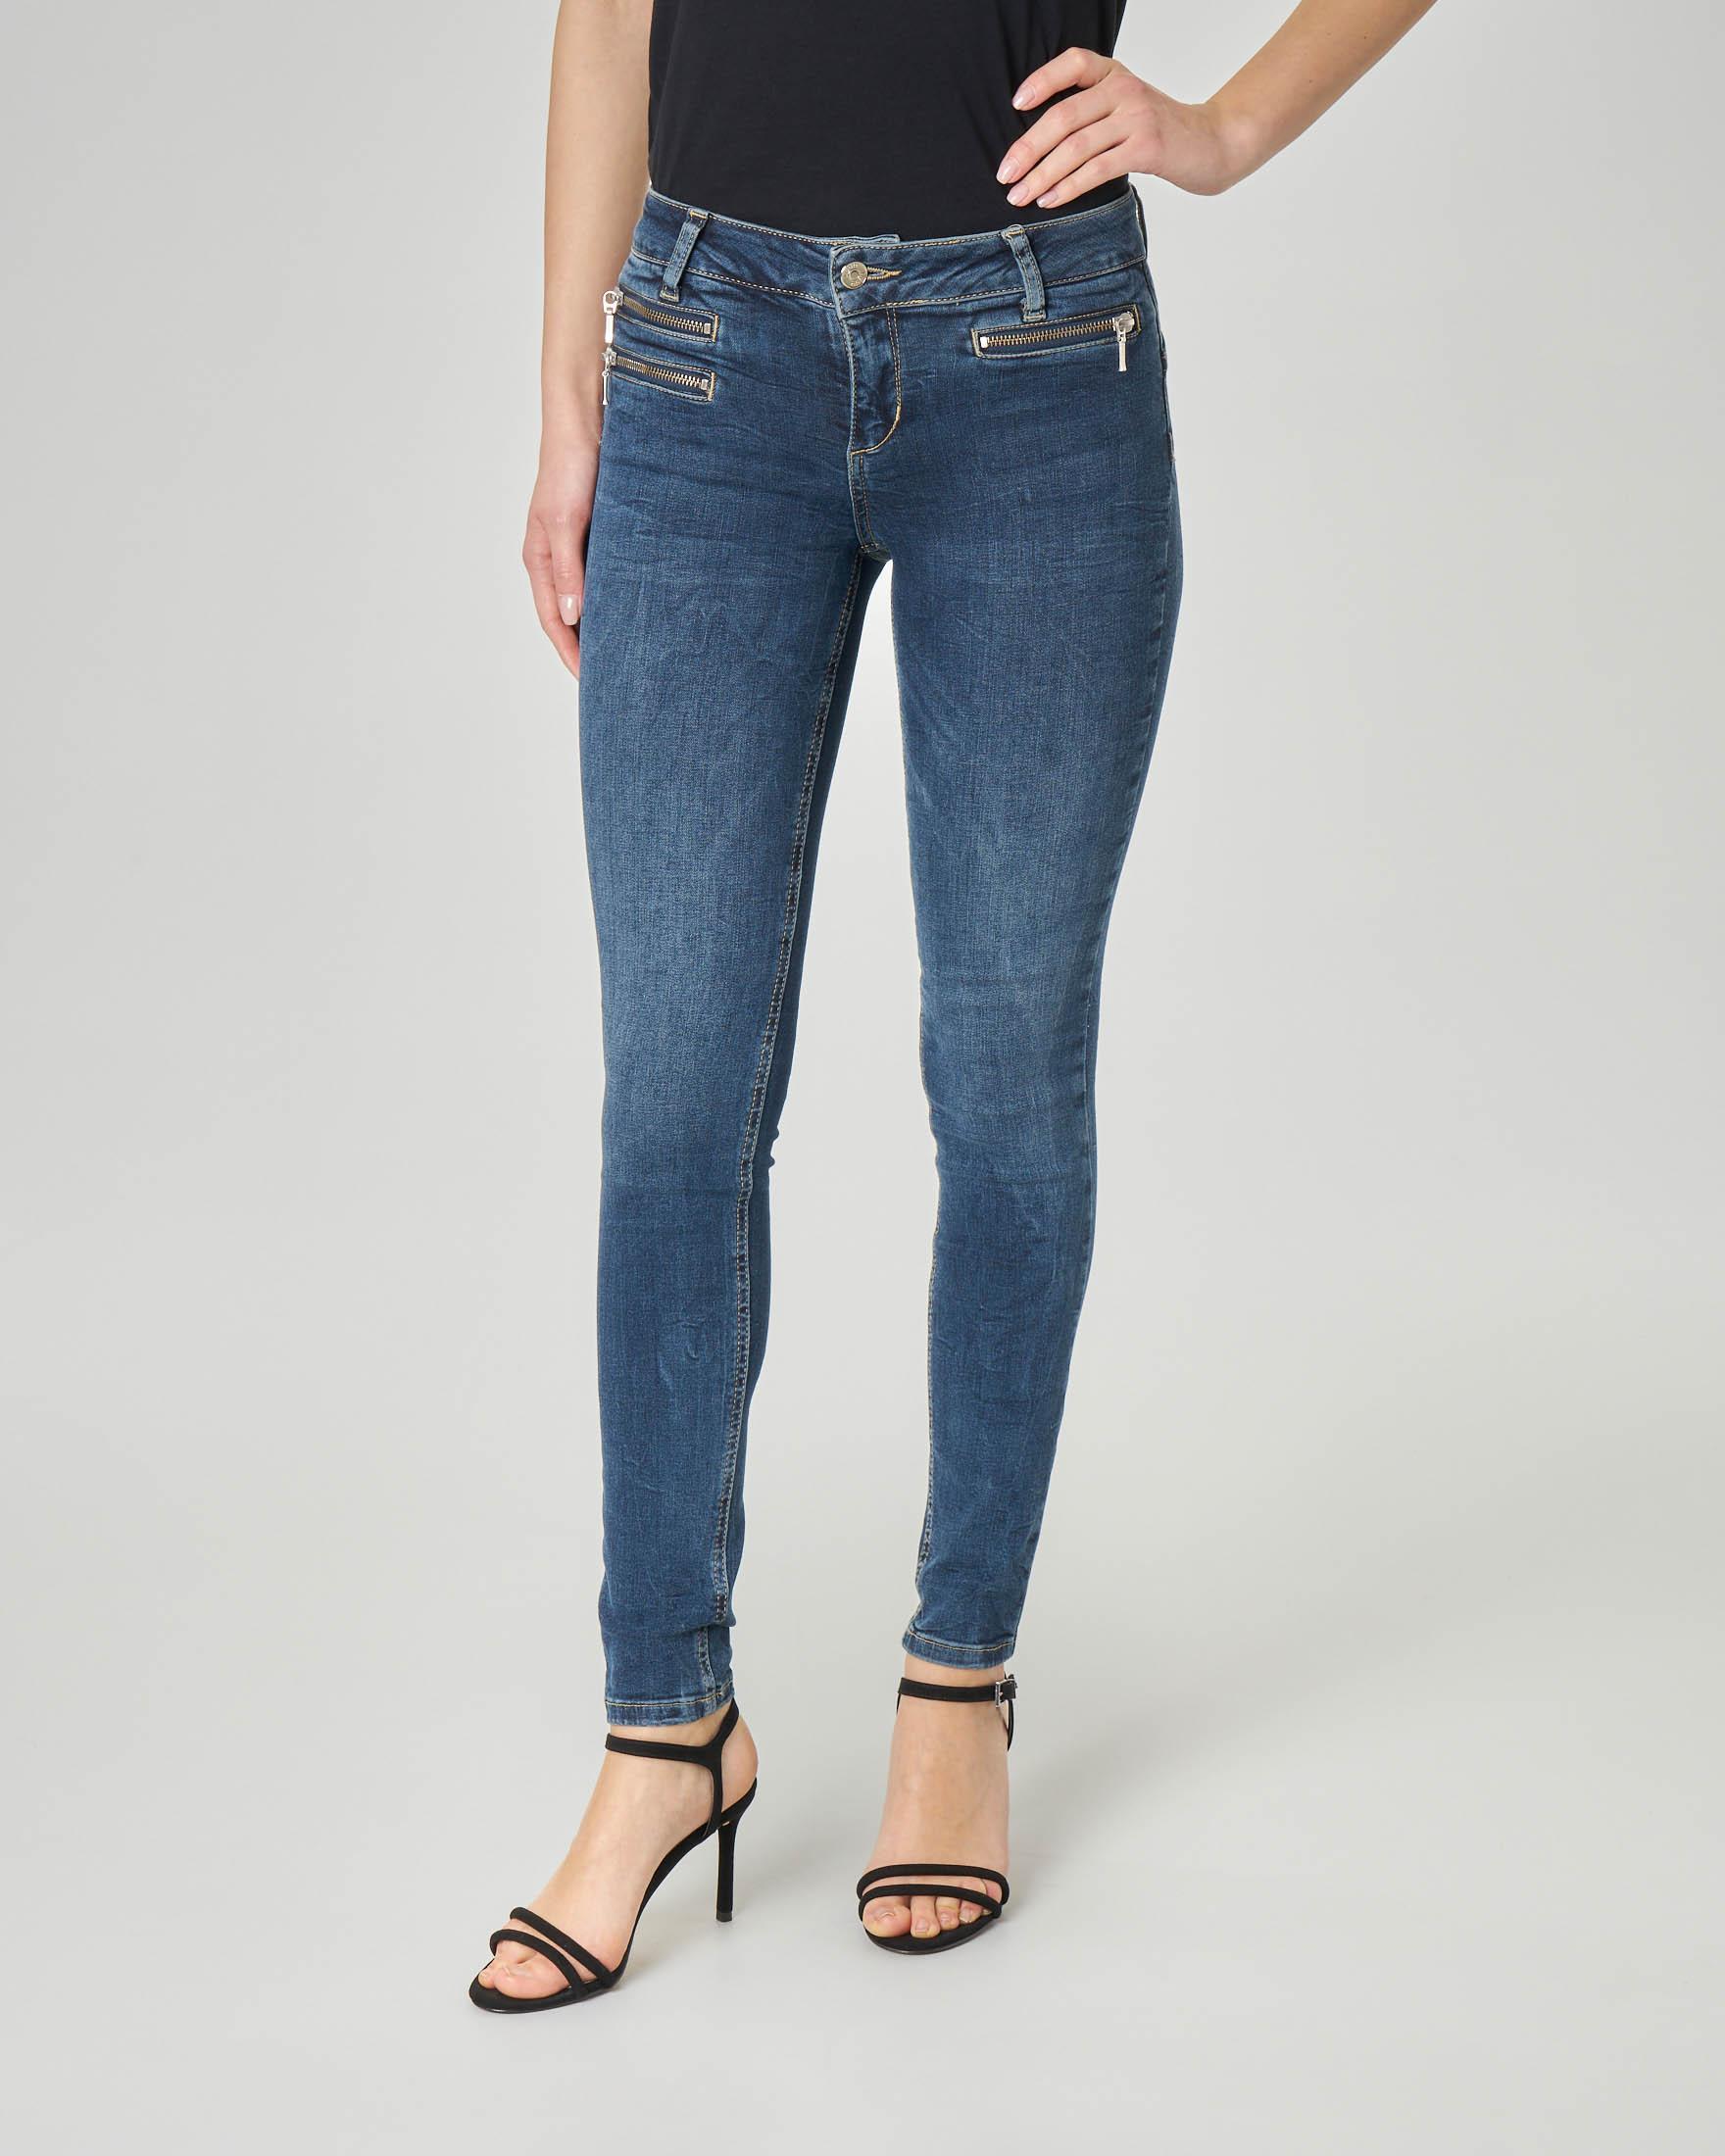 Jeans skinny blu scuro a vita bassa con tasche frontali con cerniera